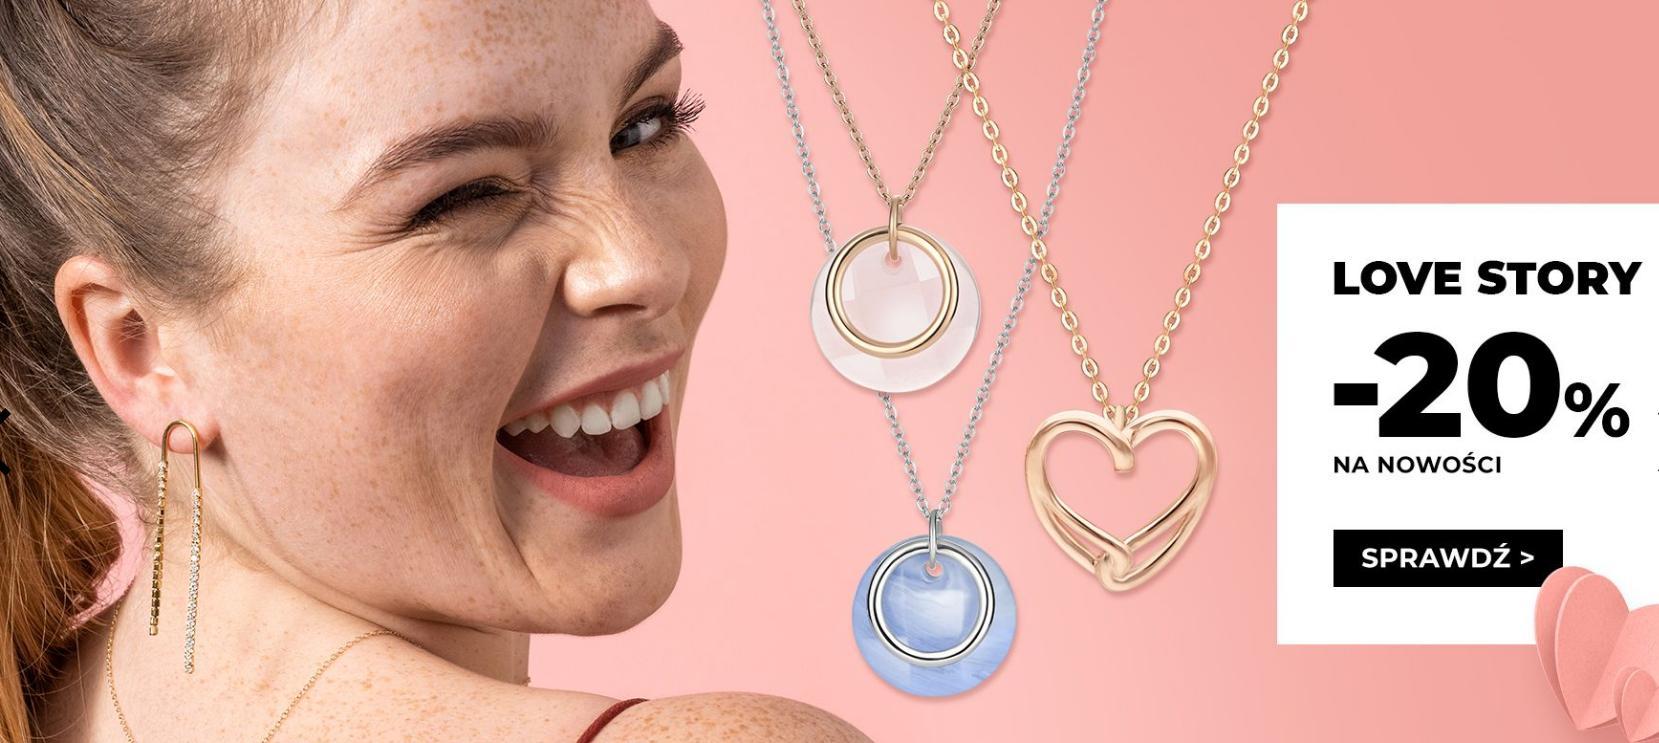 Picky Pica: 20% zniżki na nowości biżuterii - prezent na Walentynki